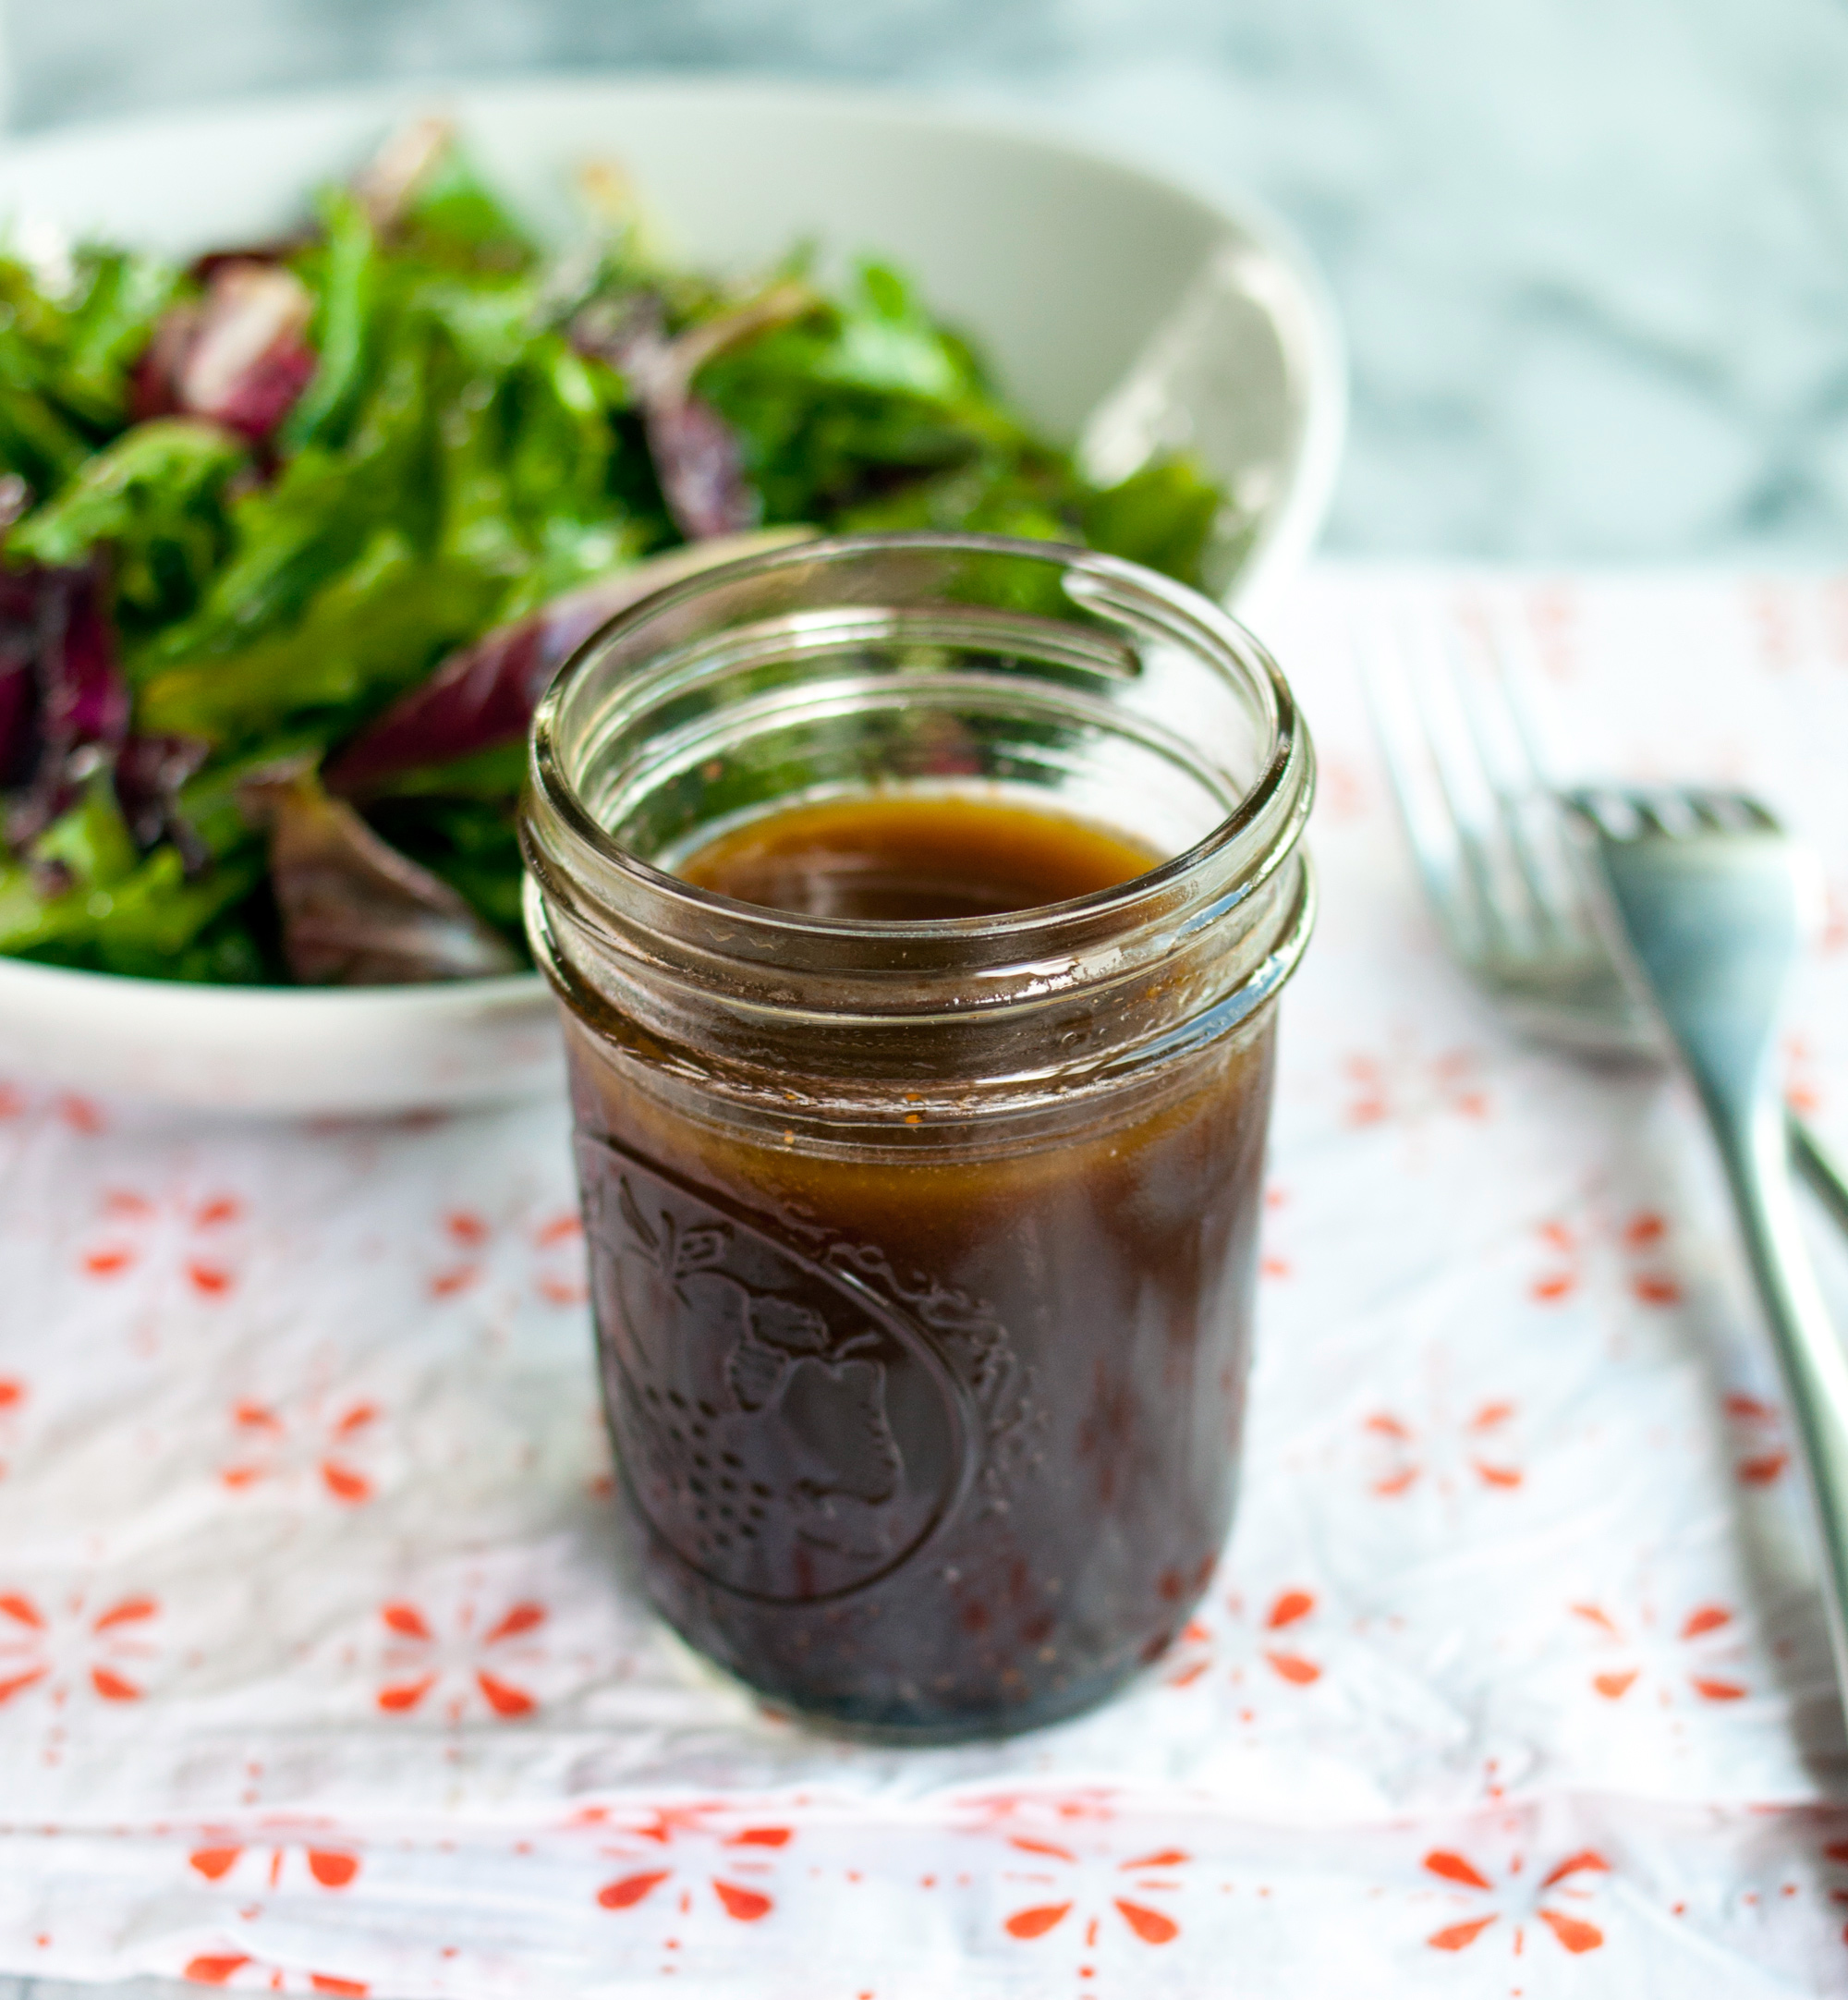 How to make balsamic vinegar